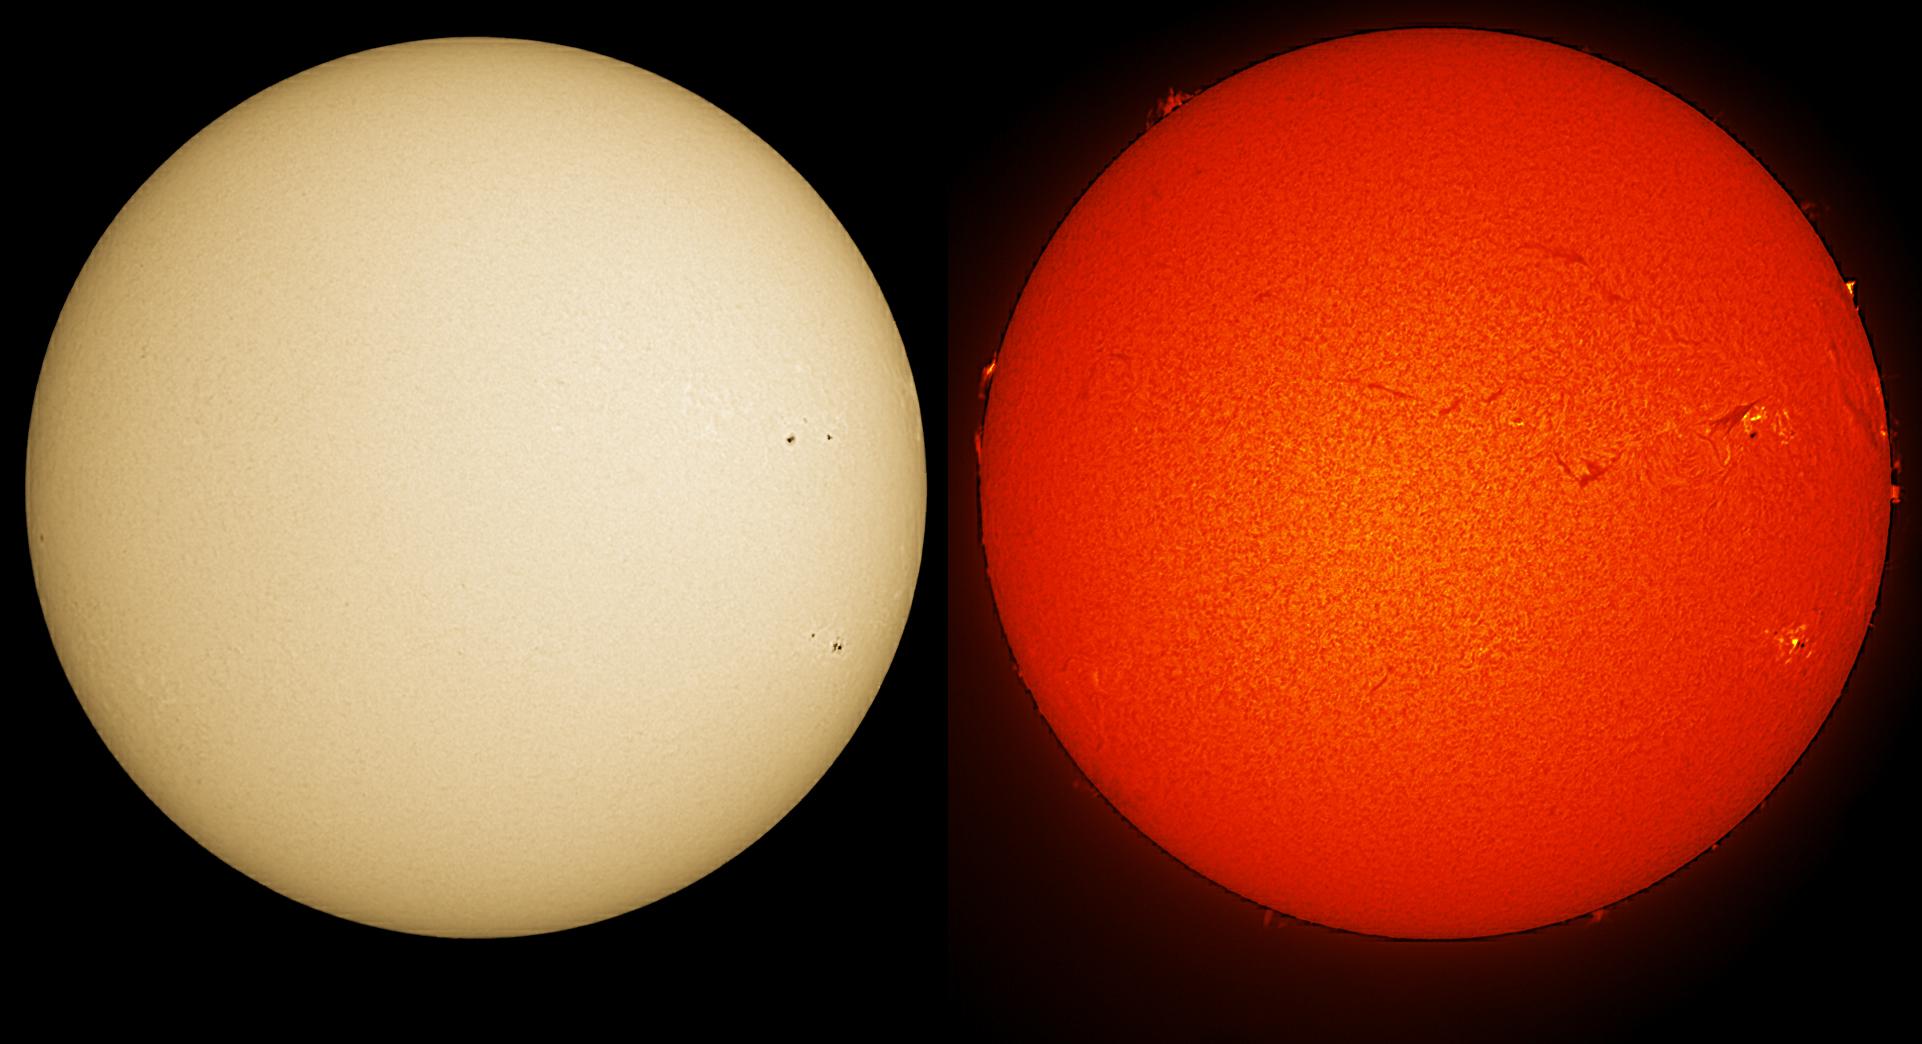 The Sun - September 5, 2013